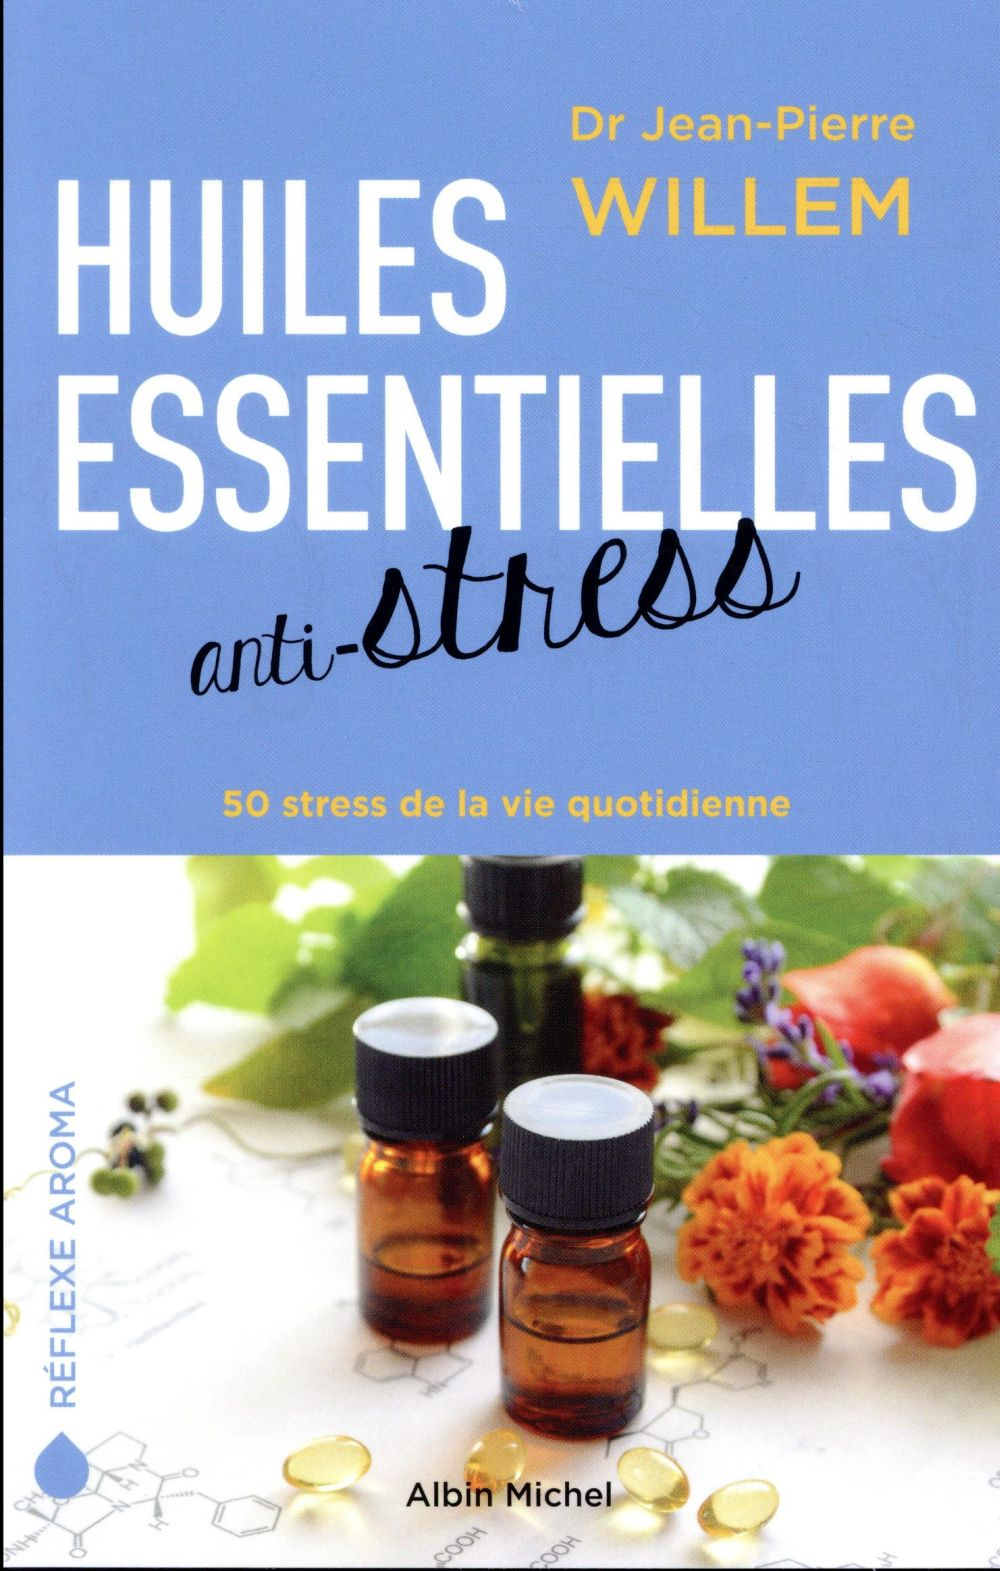 HUILES ESSENTIELLES ANTI-STRESS